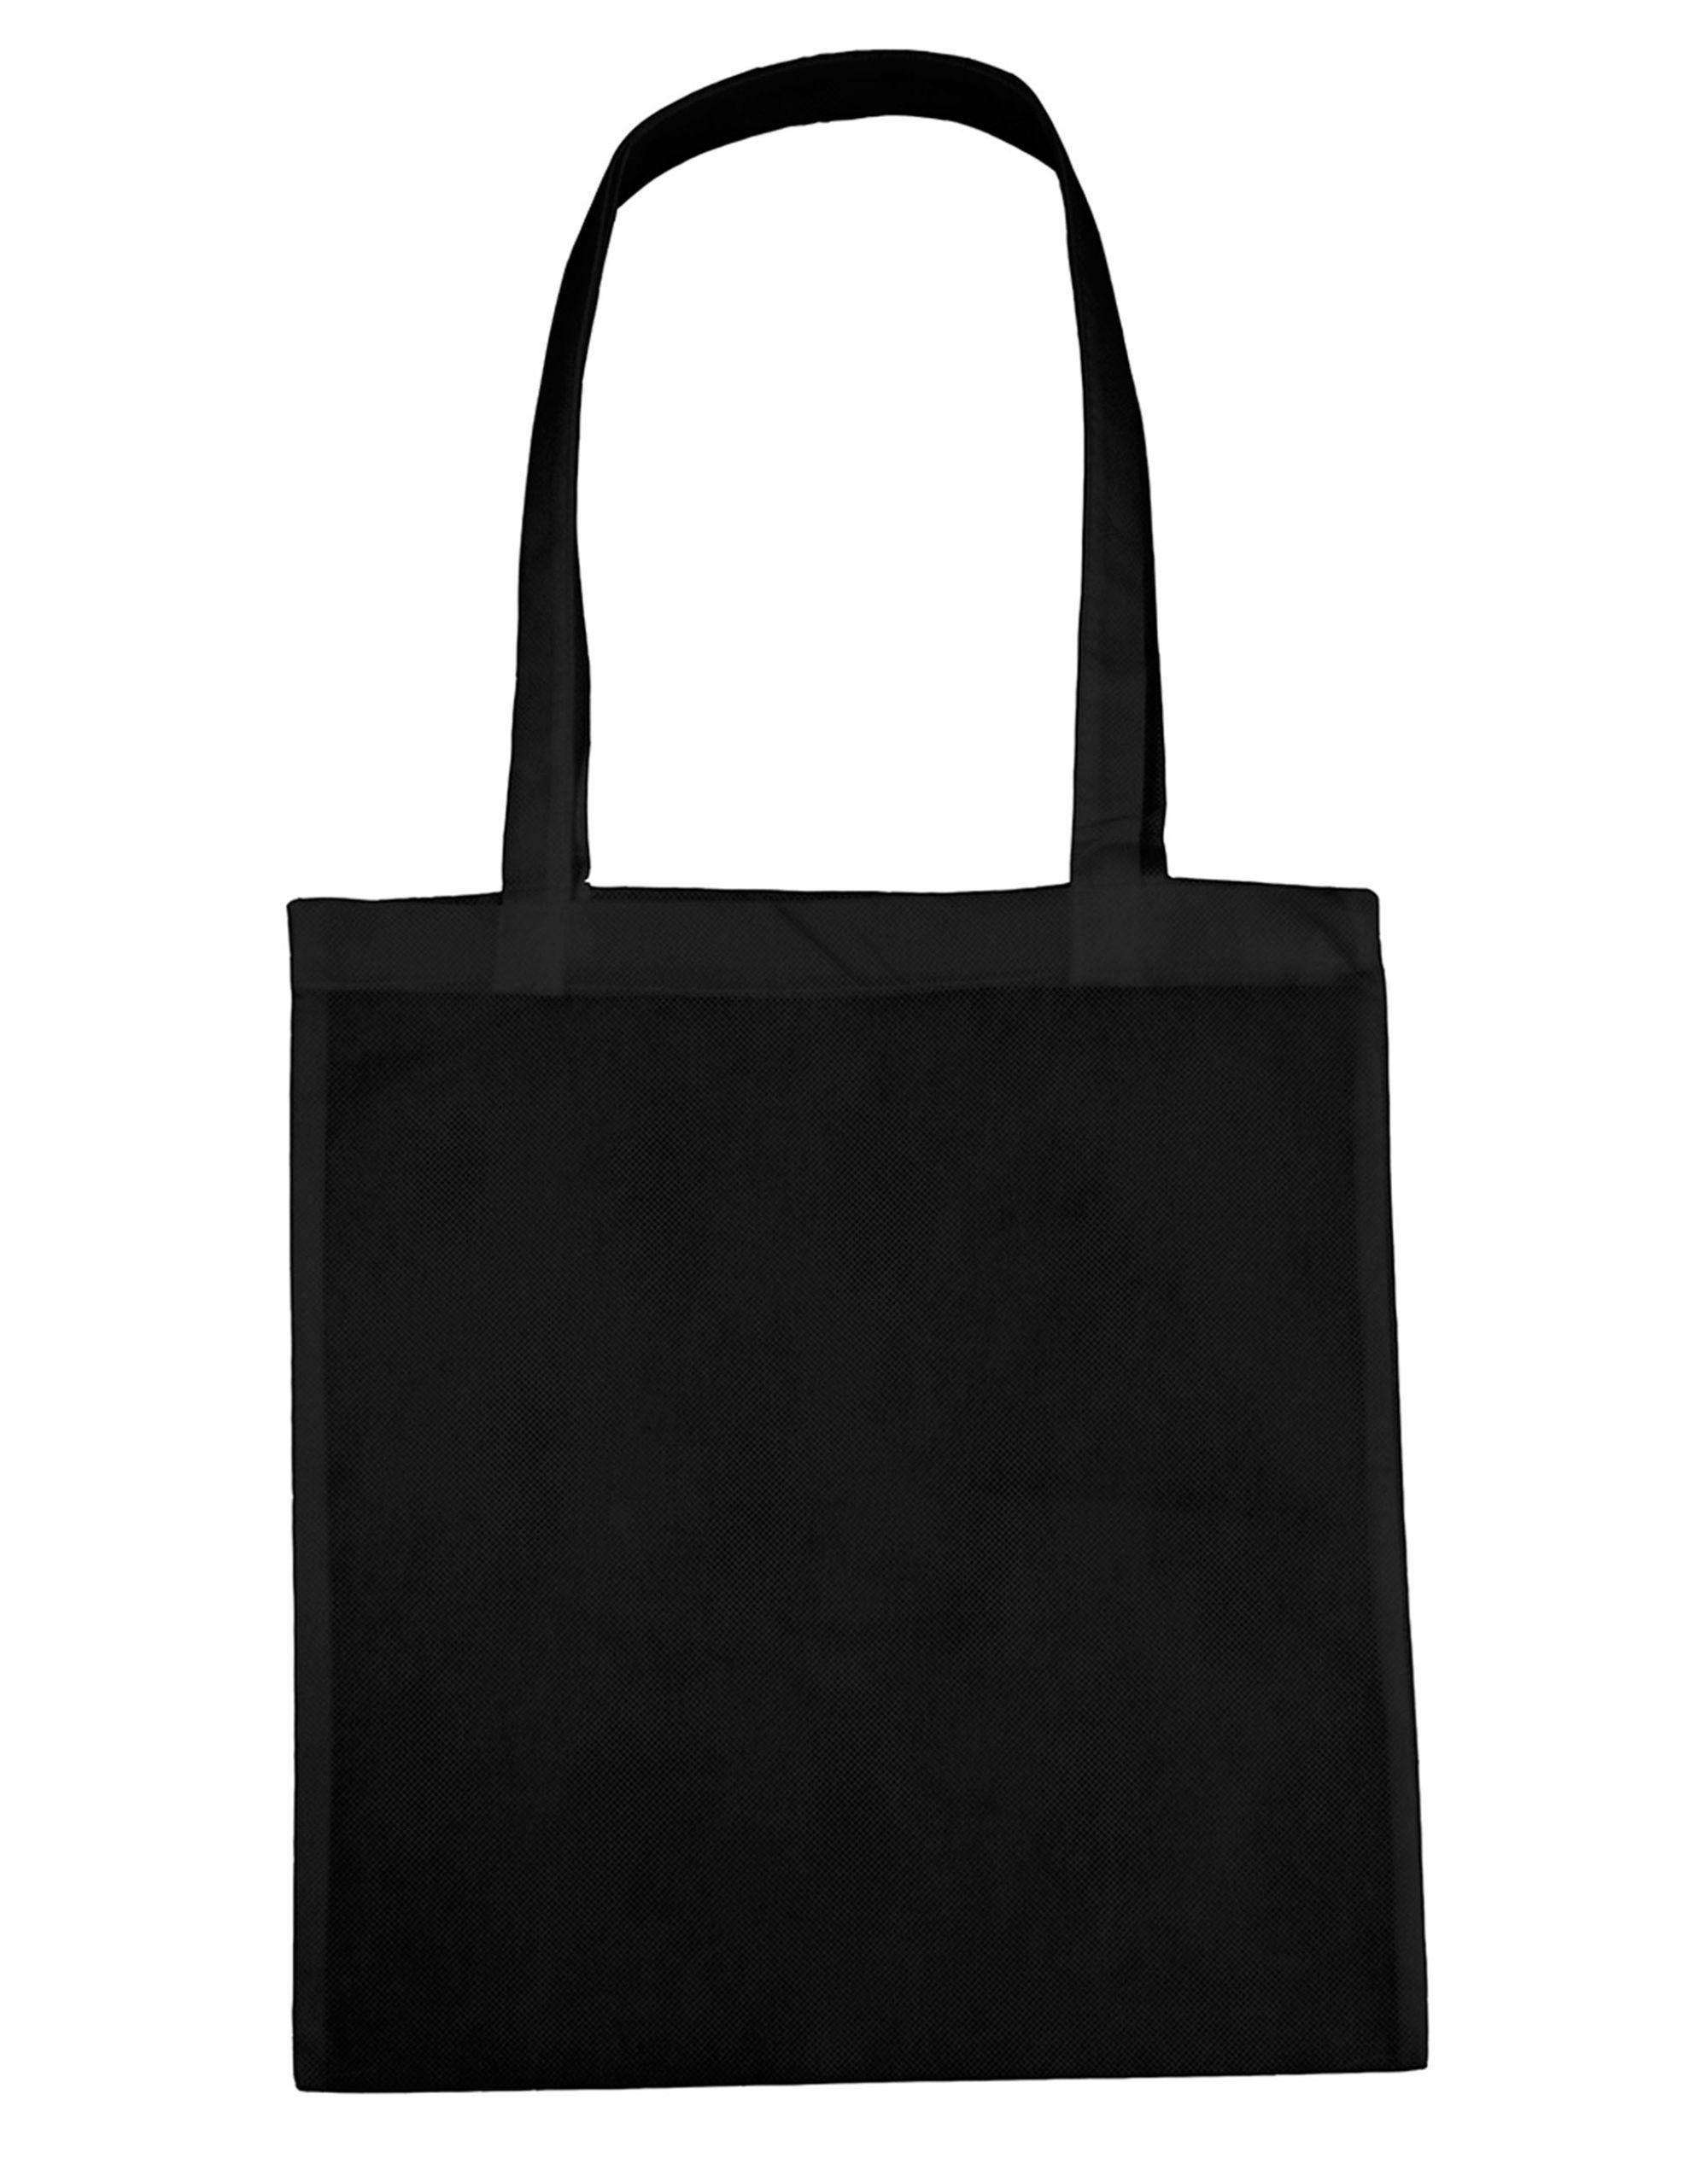 Bags By Jassz /'Willow/' Plain Long Handle Shopper Promotional Bag PP3842LH